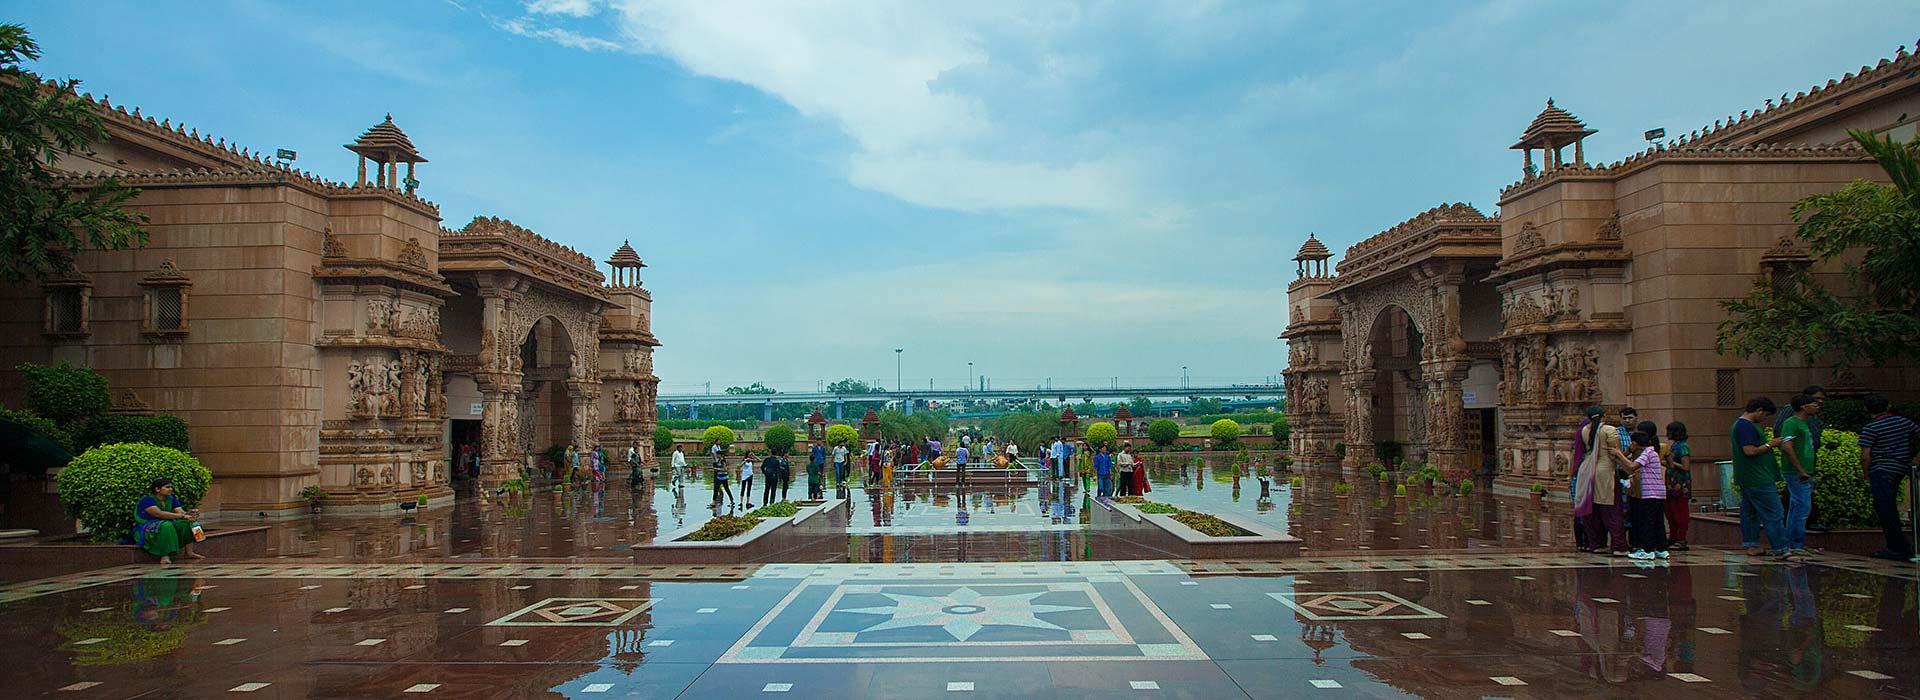 Swaminarayan Akshardham - Swagatam